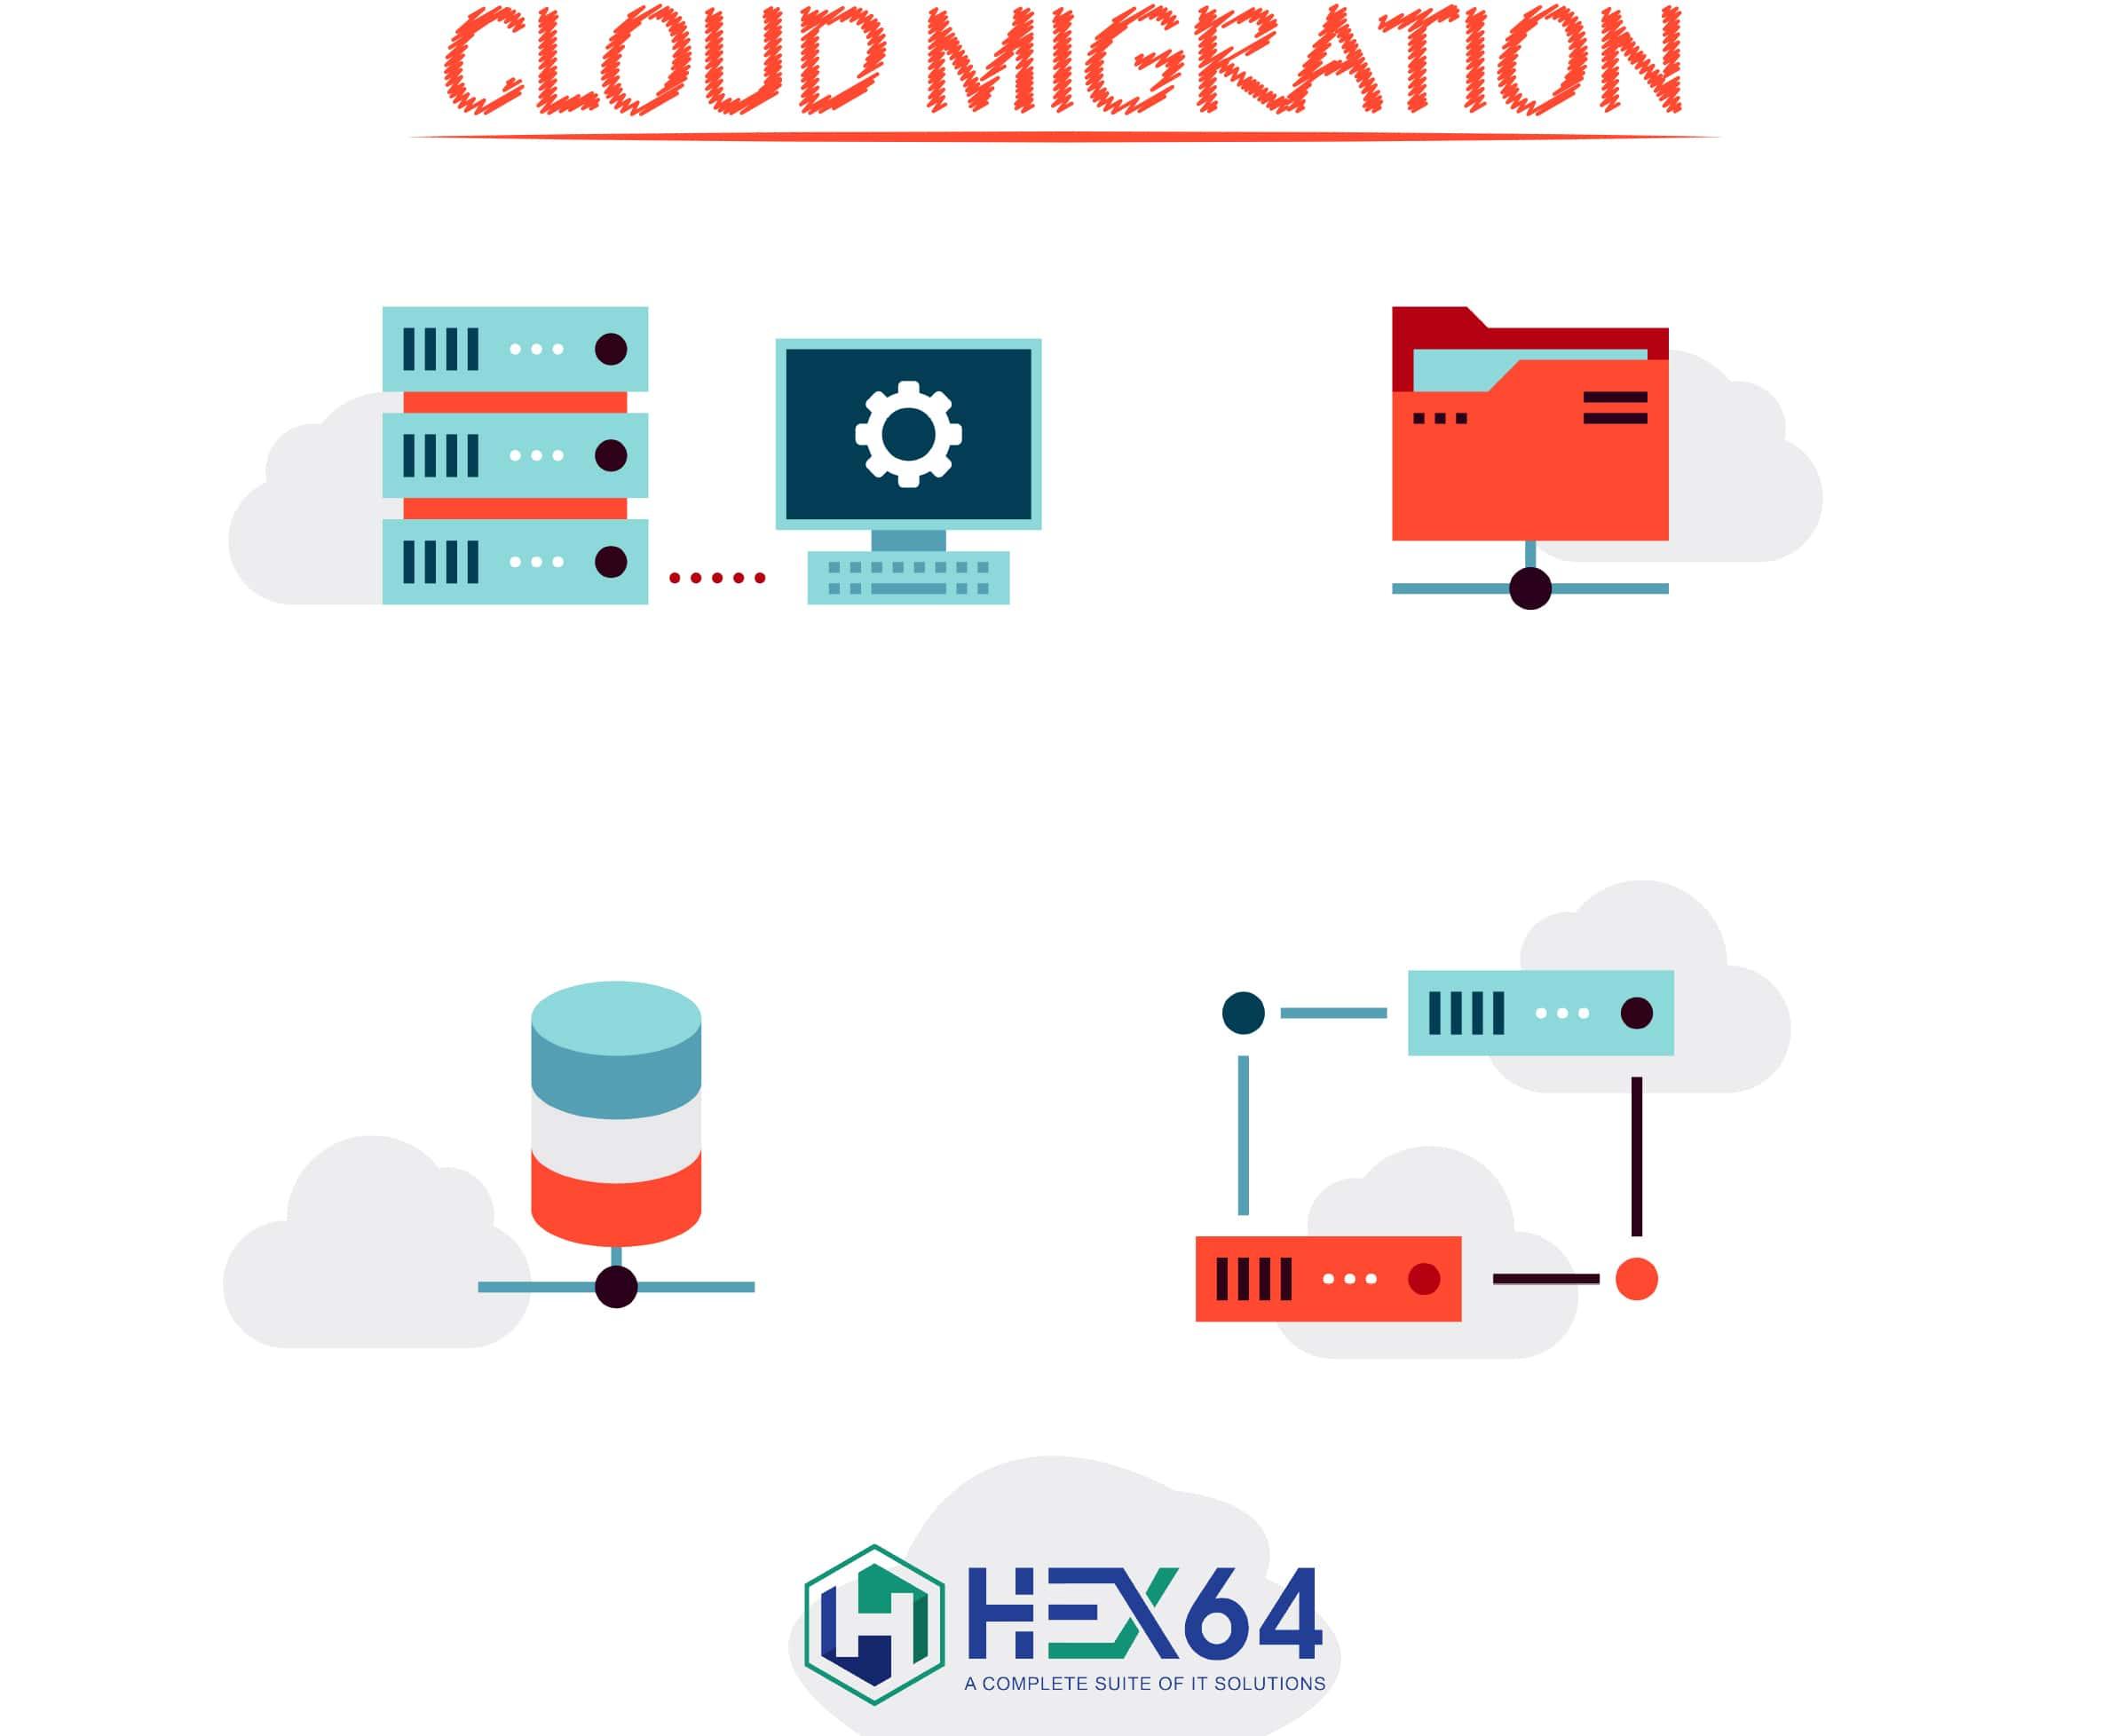 HEX64 cloud Migration service